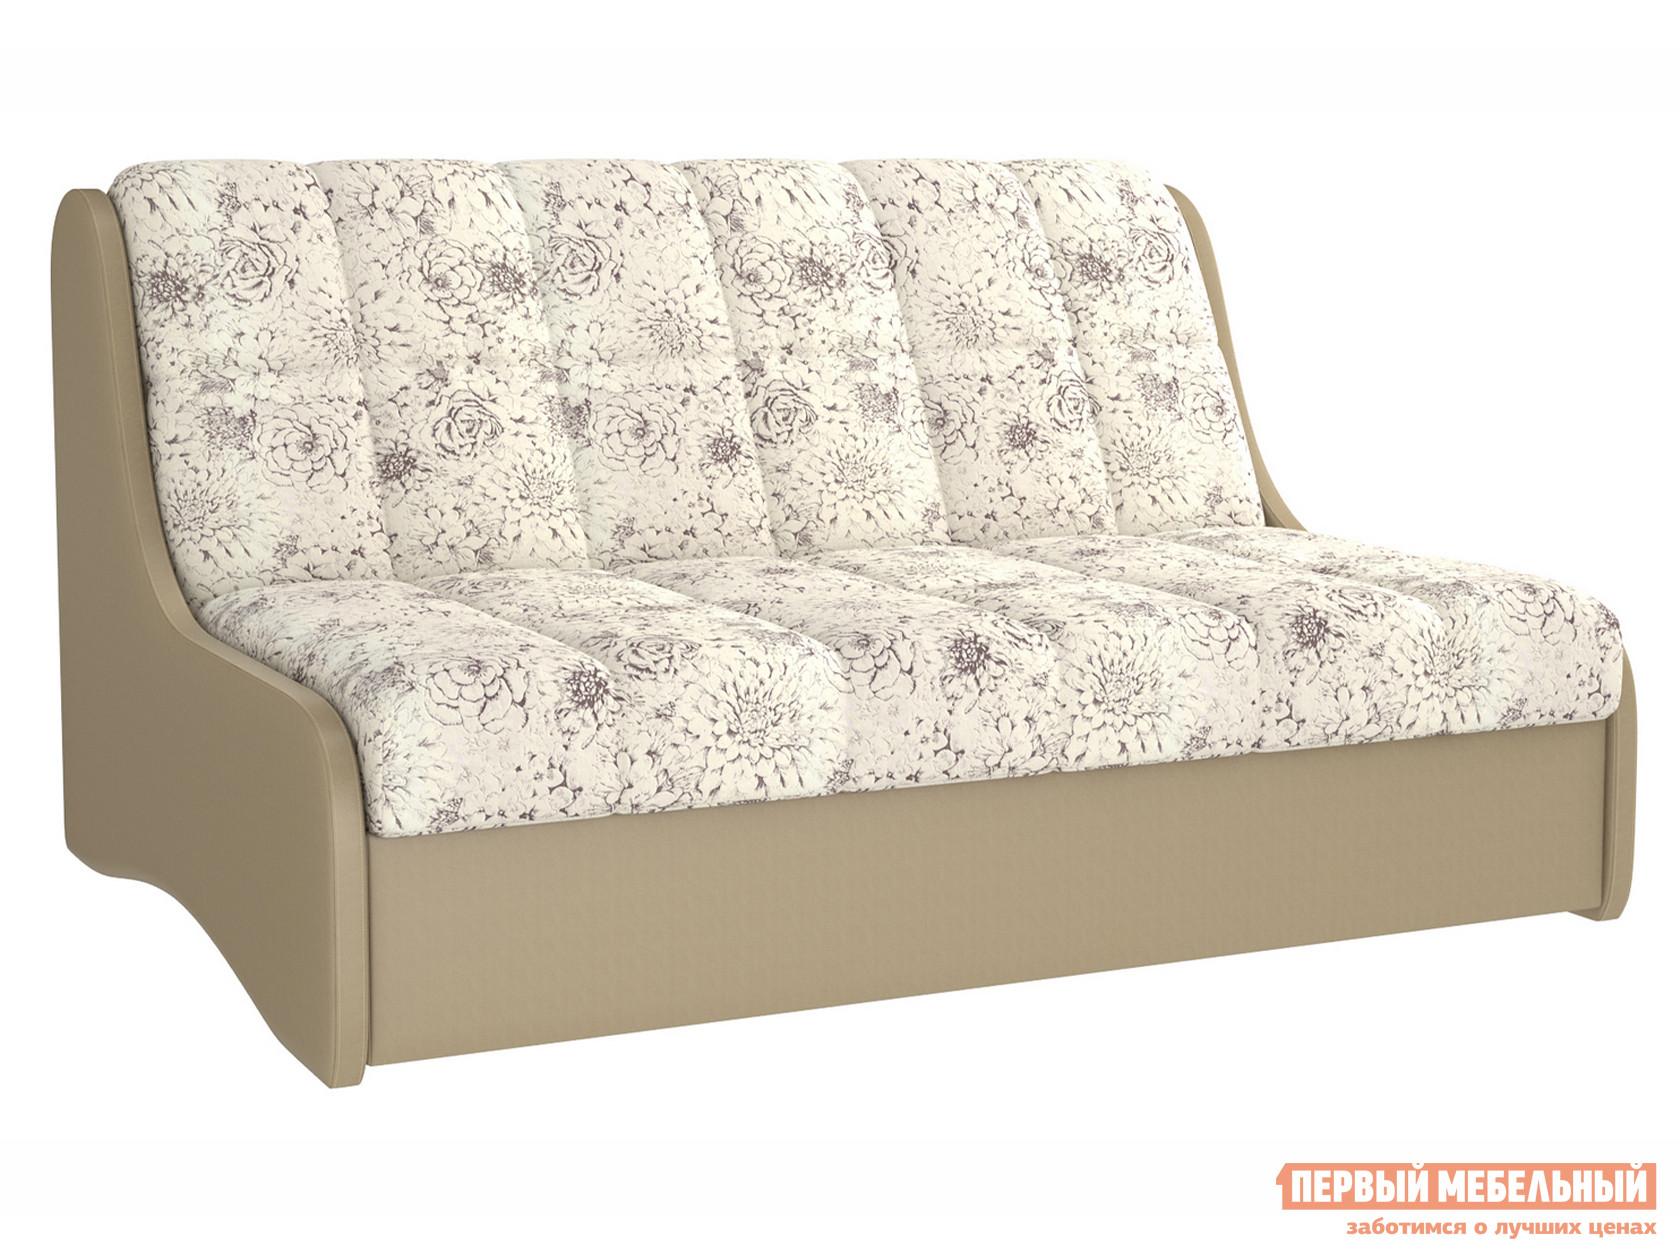 Фото - Прямой диван Первый Мебельный Диван Токио диван первый мебельный диван степ тайм фьюжн